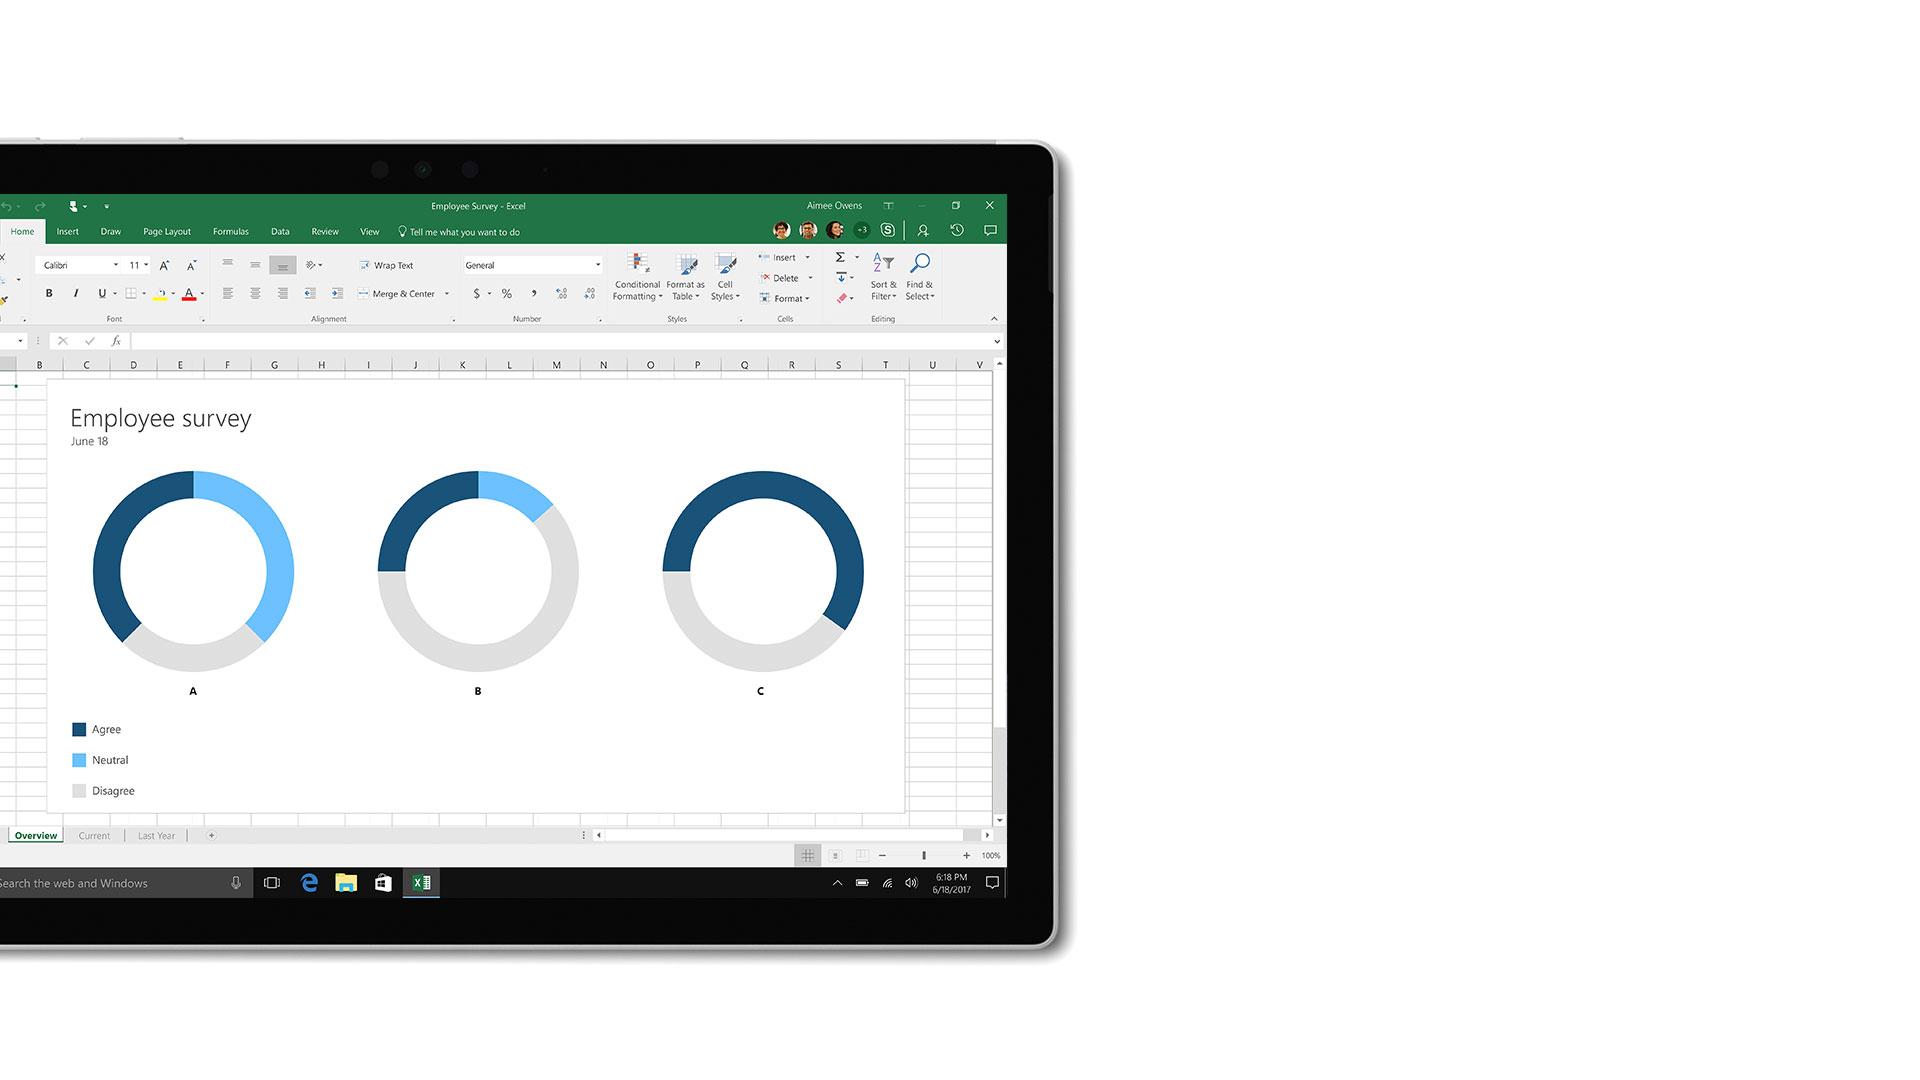 รูปส่วนติดต่อผู้ใช้ของ Microsoft Excel